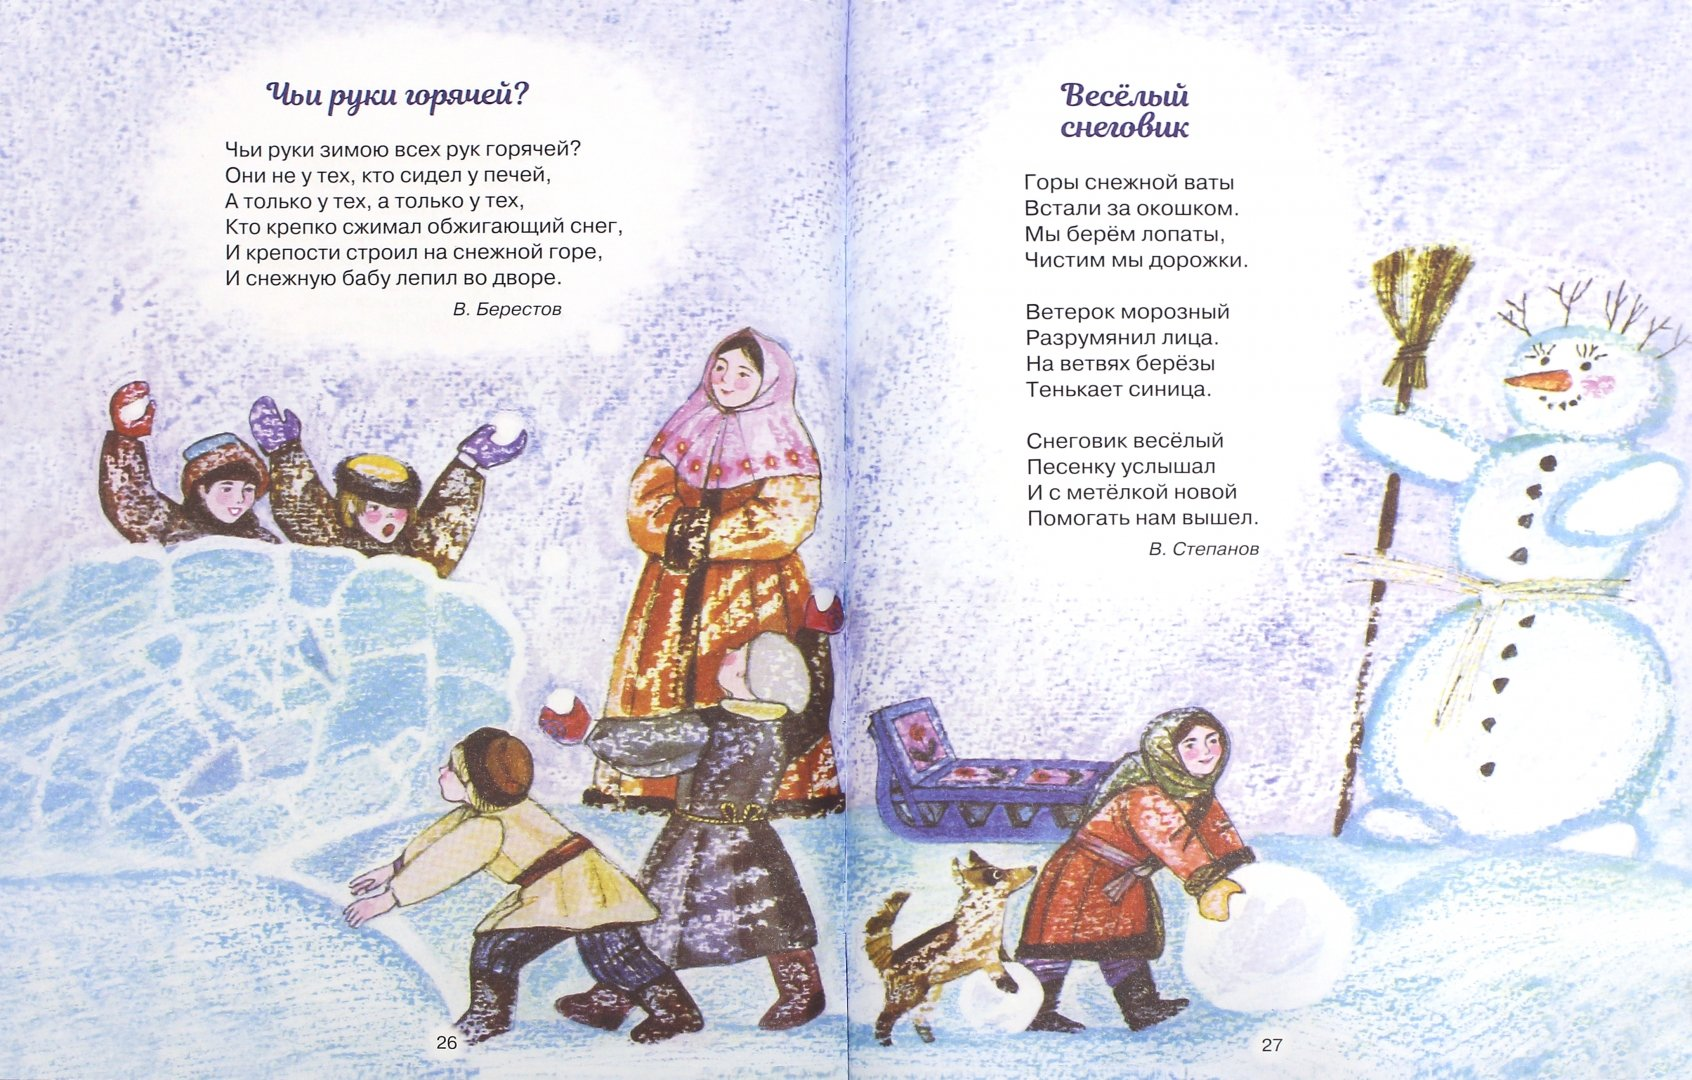 Иллюстрация 1 из 19 для С Новым годом! Стихи и сказки для детей | Лабиринт - книги. Источник: Лабиринт